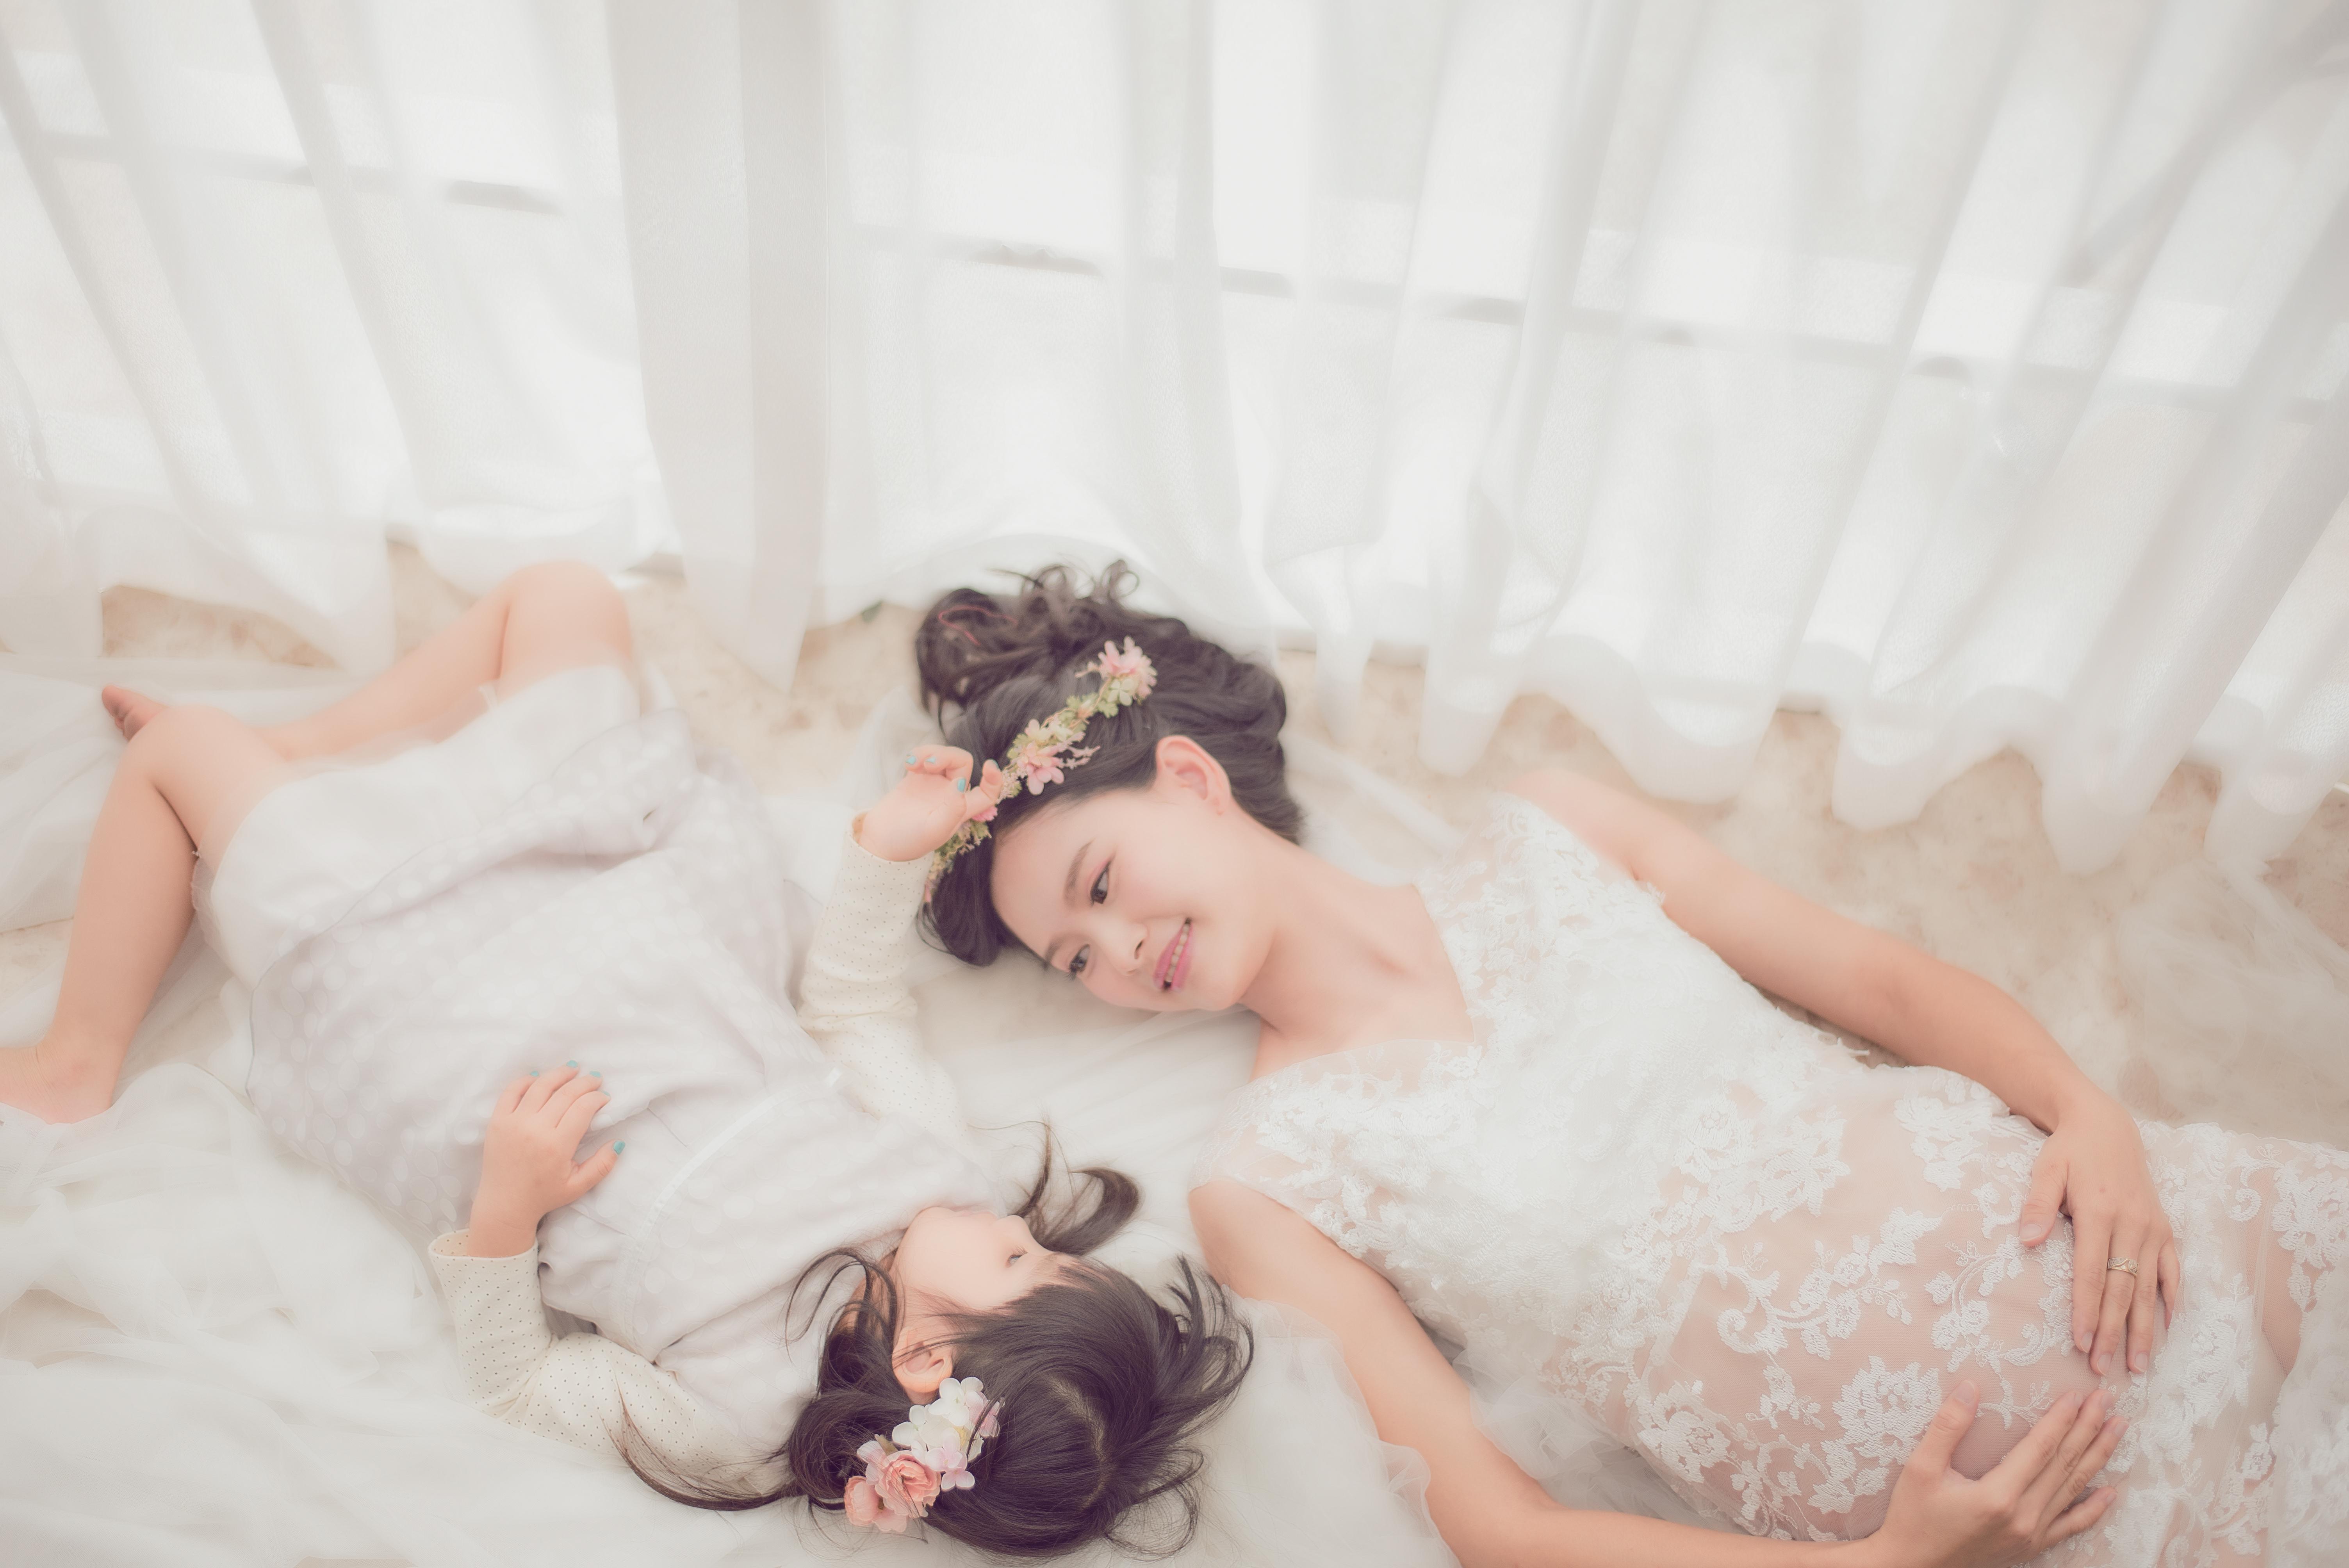 台中乾燥花孕婦寫真, 台中孕婦花叢超美, 台中孕婦乾燥花唯美